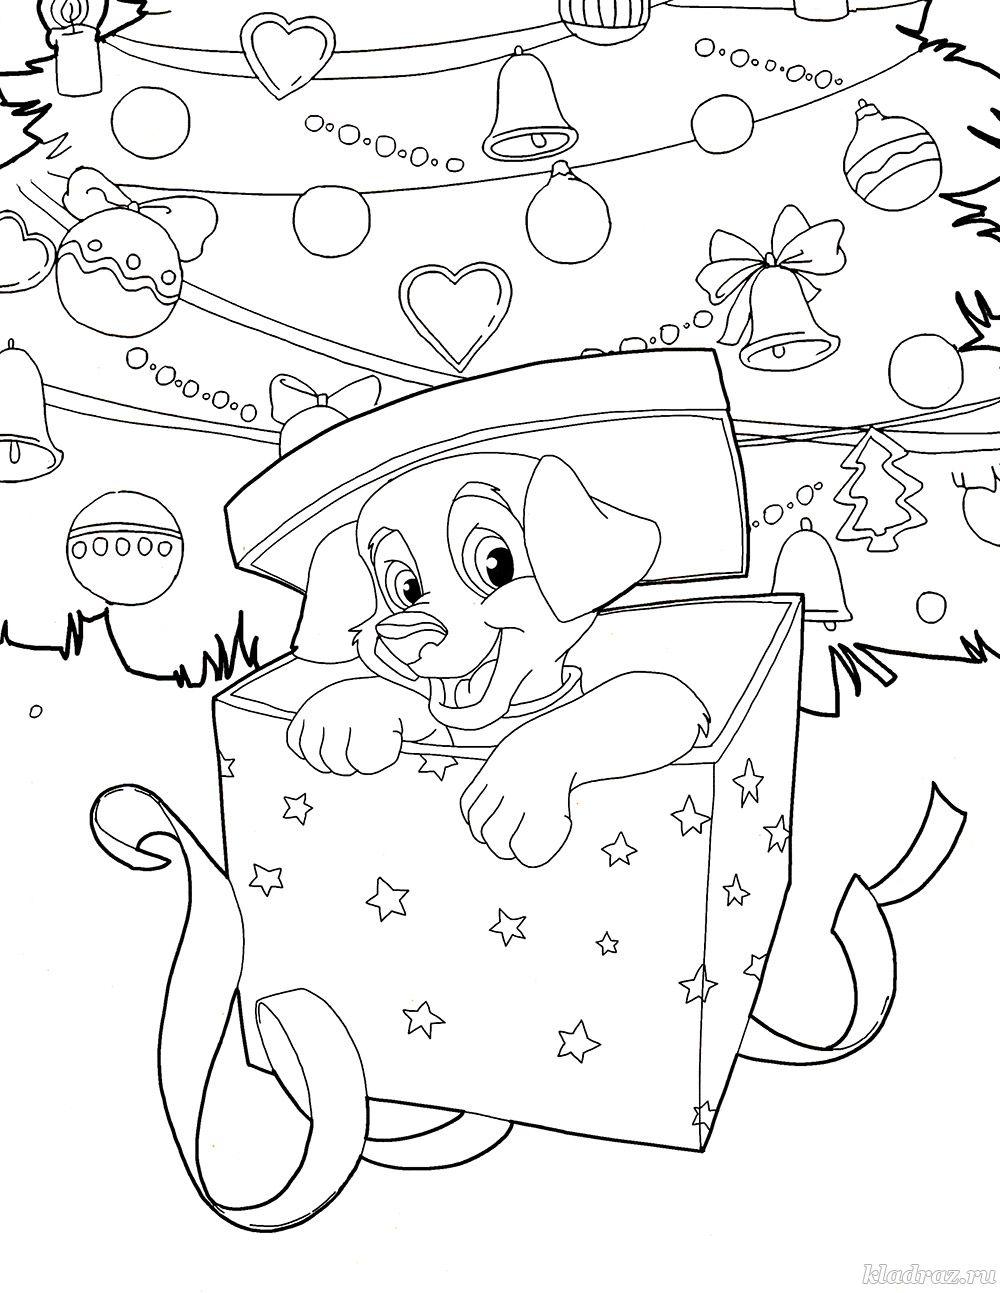 Раскраска для детей 6-7 лет. Новогодний подарок